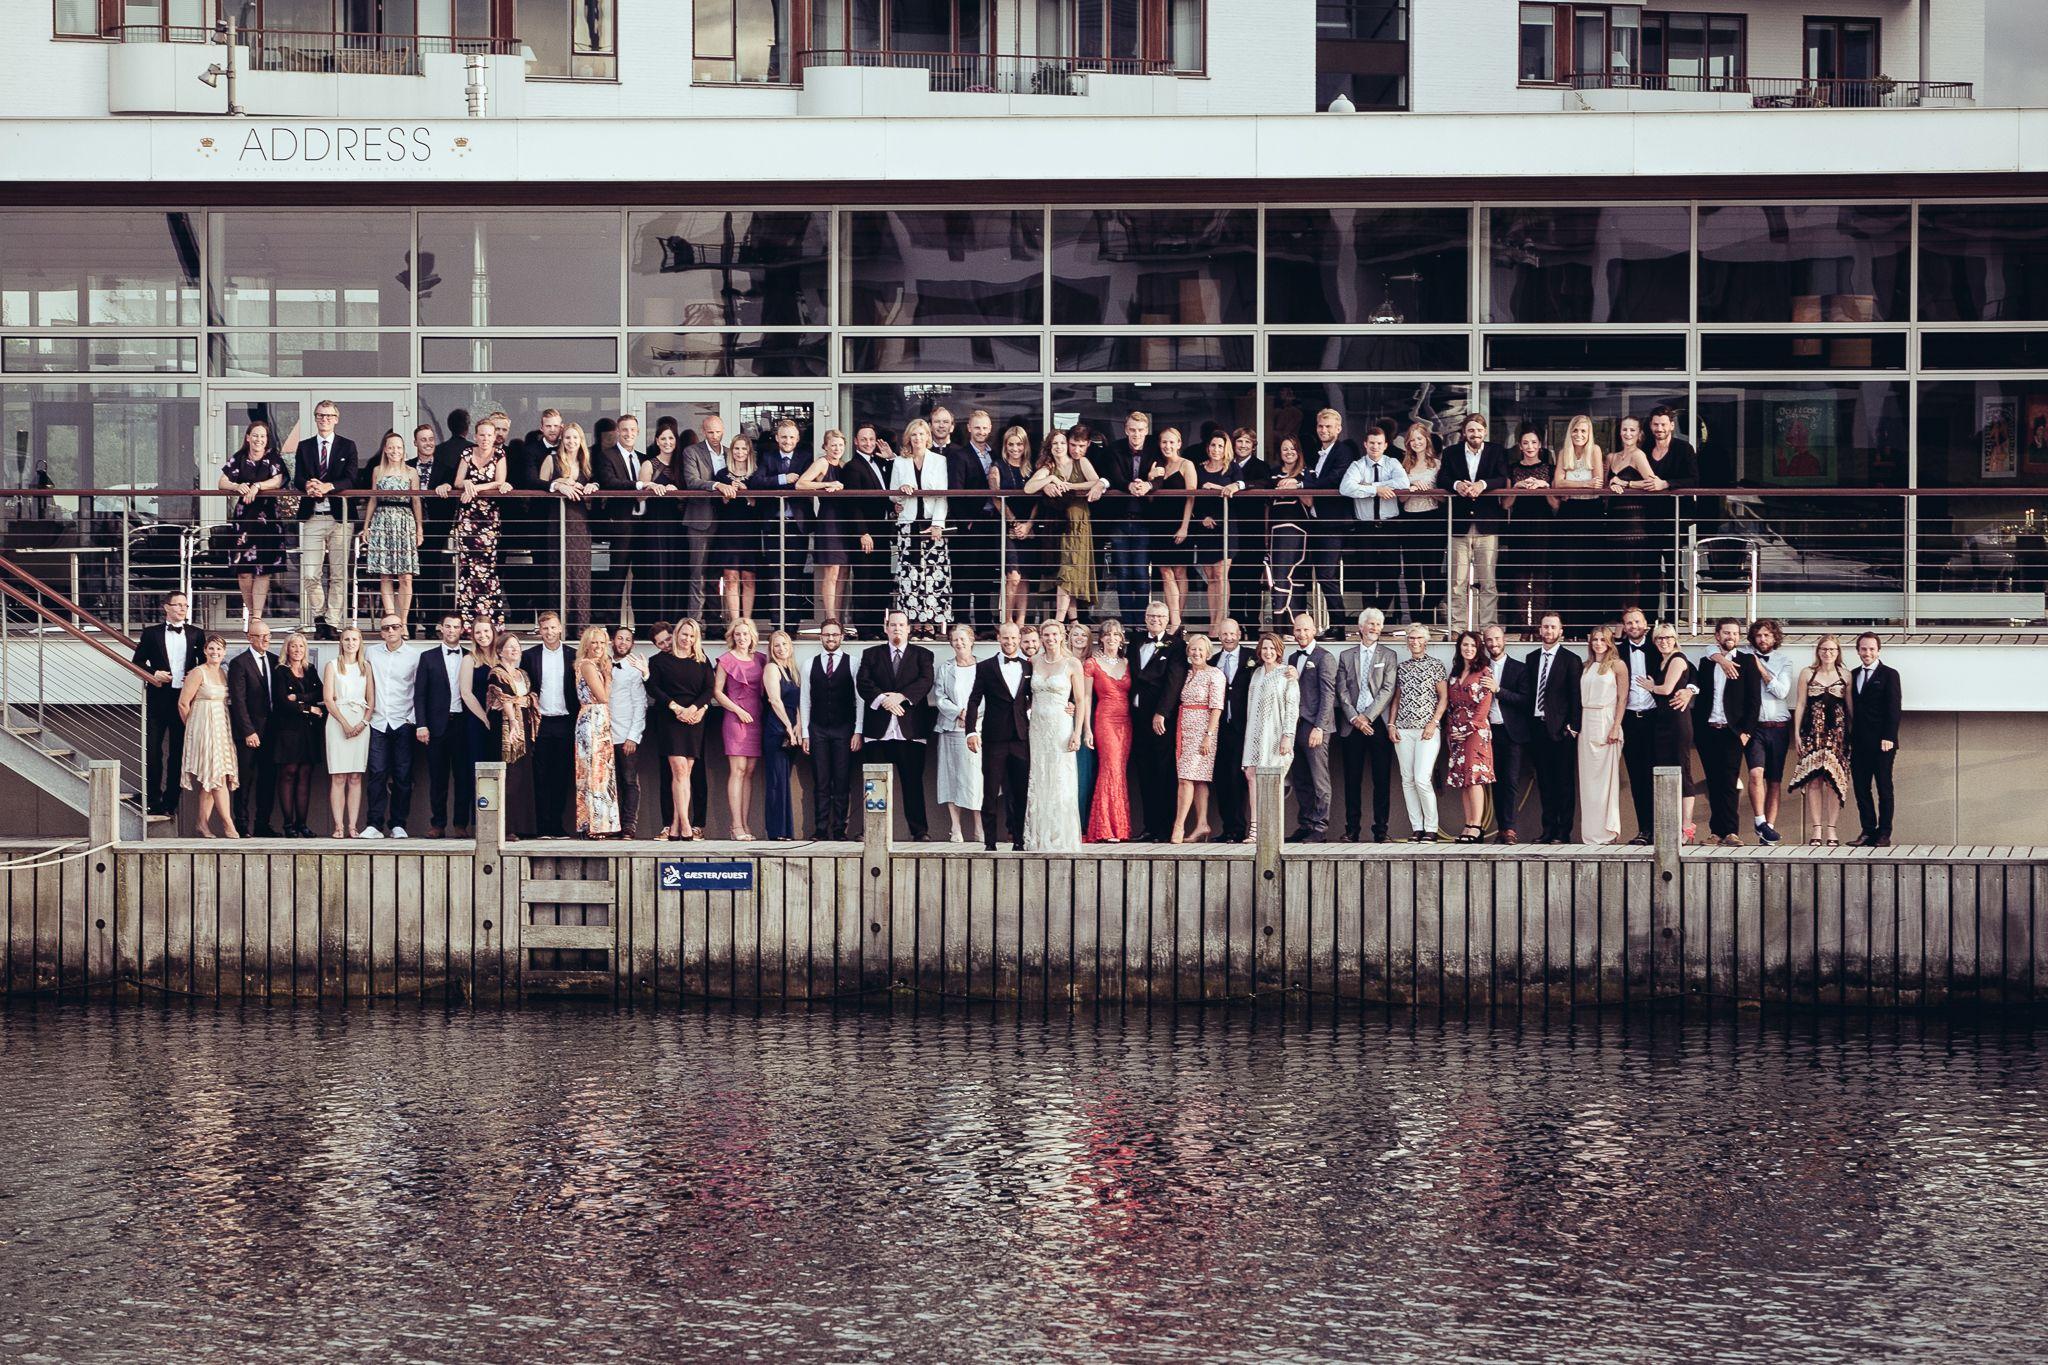 bryllupsbilleder_mads_eneqvist_16 Bryllupsbilleder